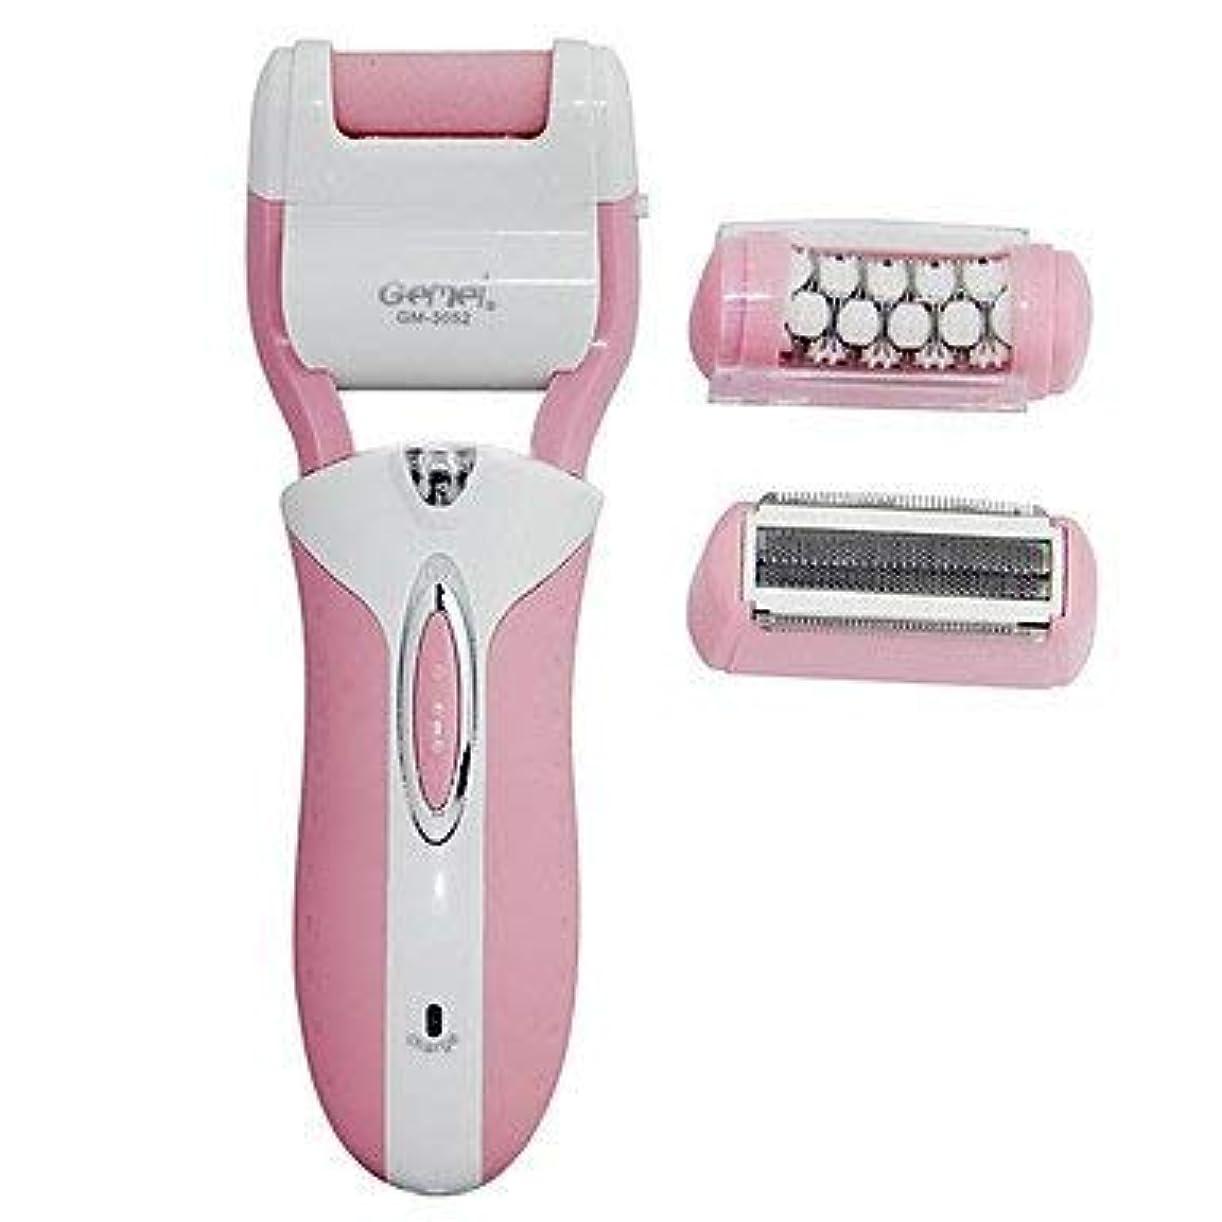 一杯試用レモンGUANG-HOME 脱毛器の女性ボディ電気低雑音の乾燥した髭そりのステンレス鋼の赤面ピンク